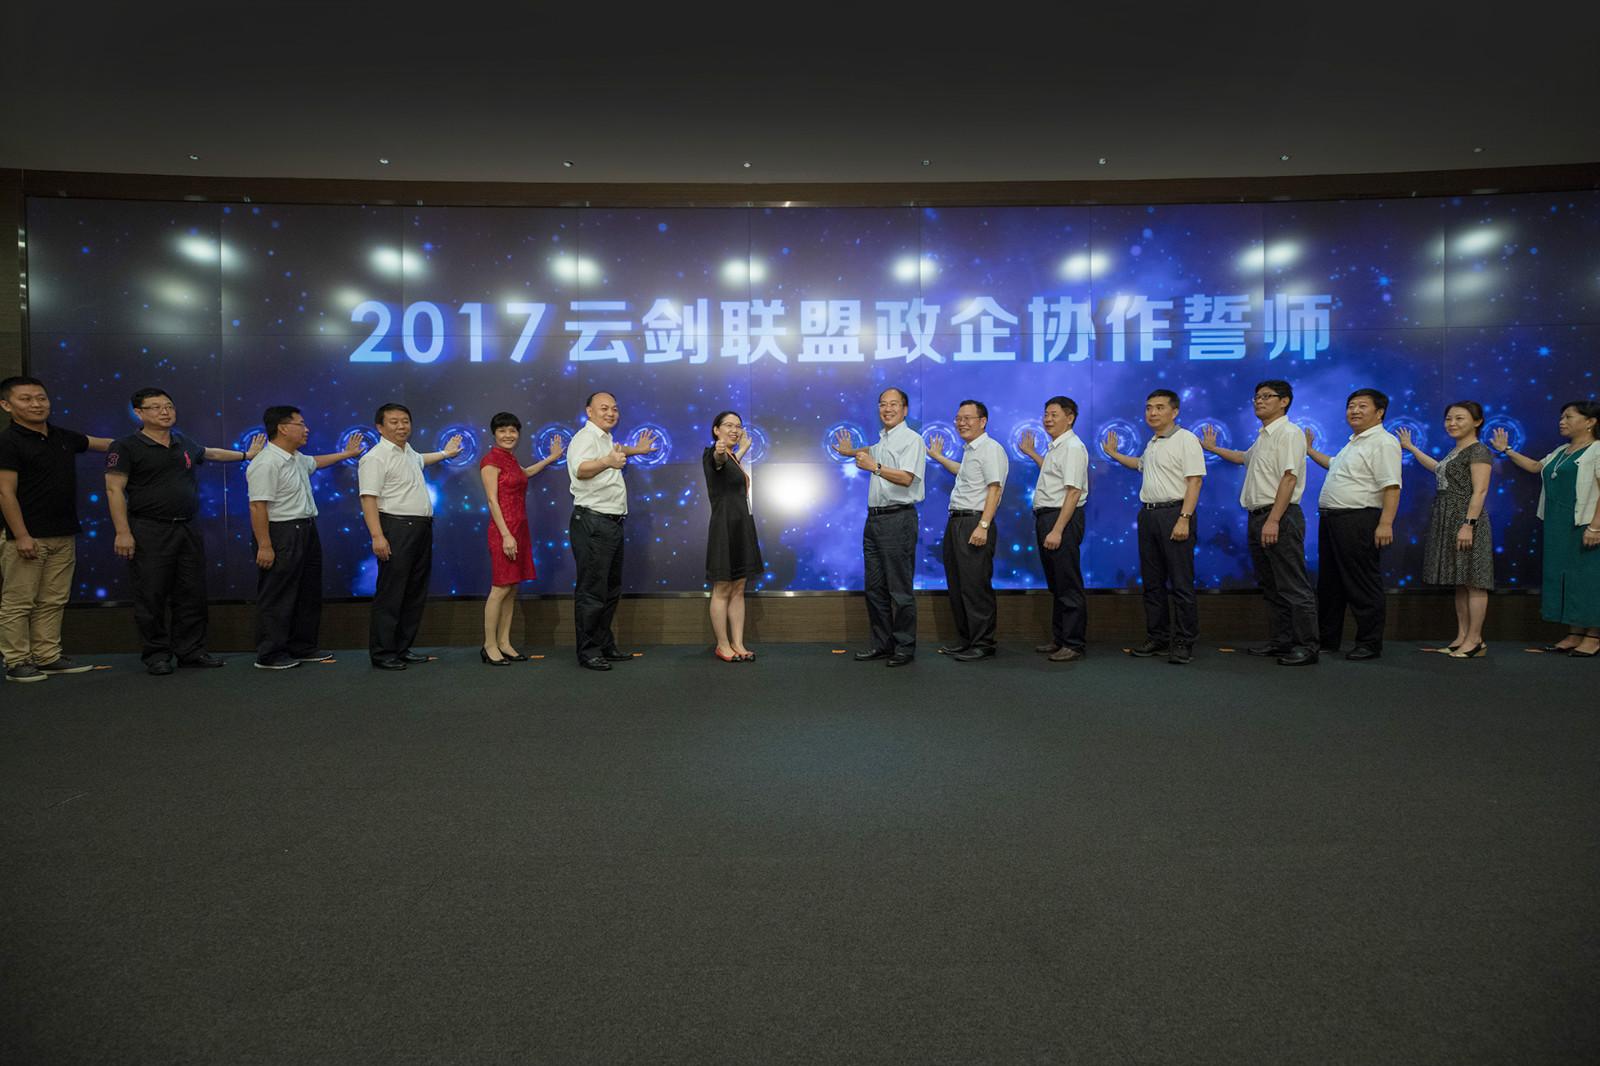 资料图片:7月13日,13省云剑联盟誓师会在杭州阿里巴巴西溪园区举行。_meitu_2